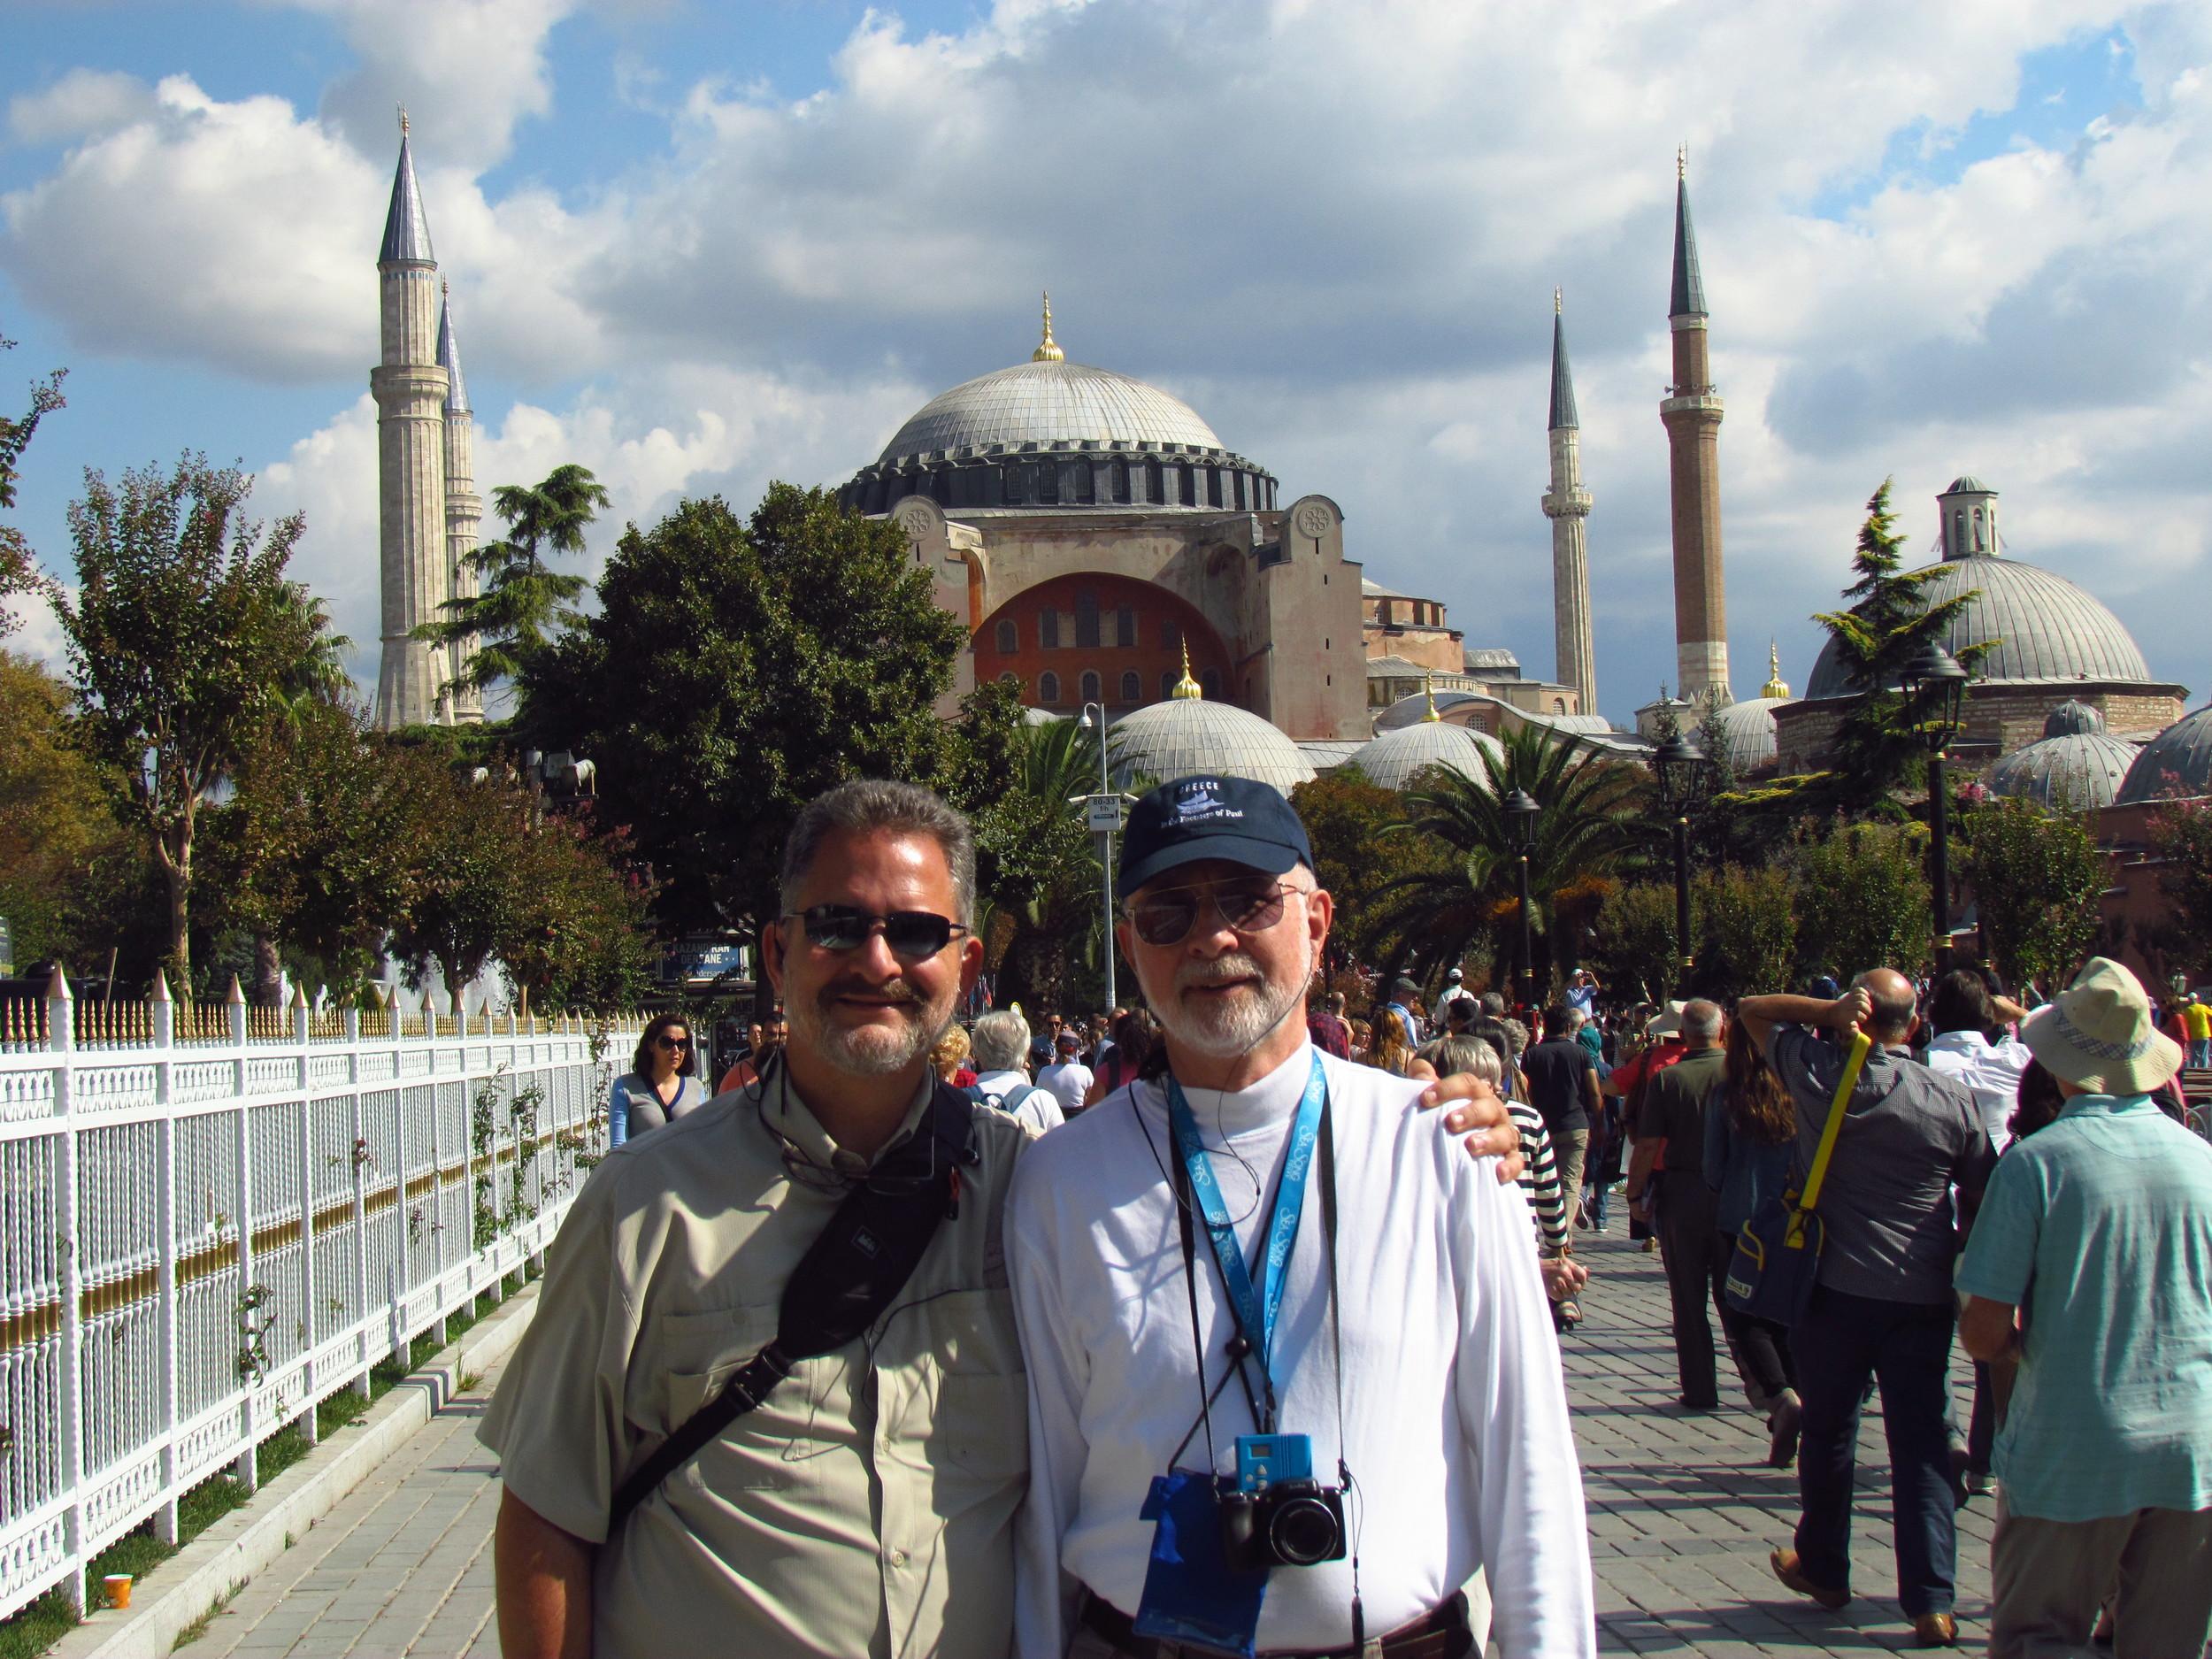 Hagia Sofia in the background